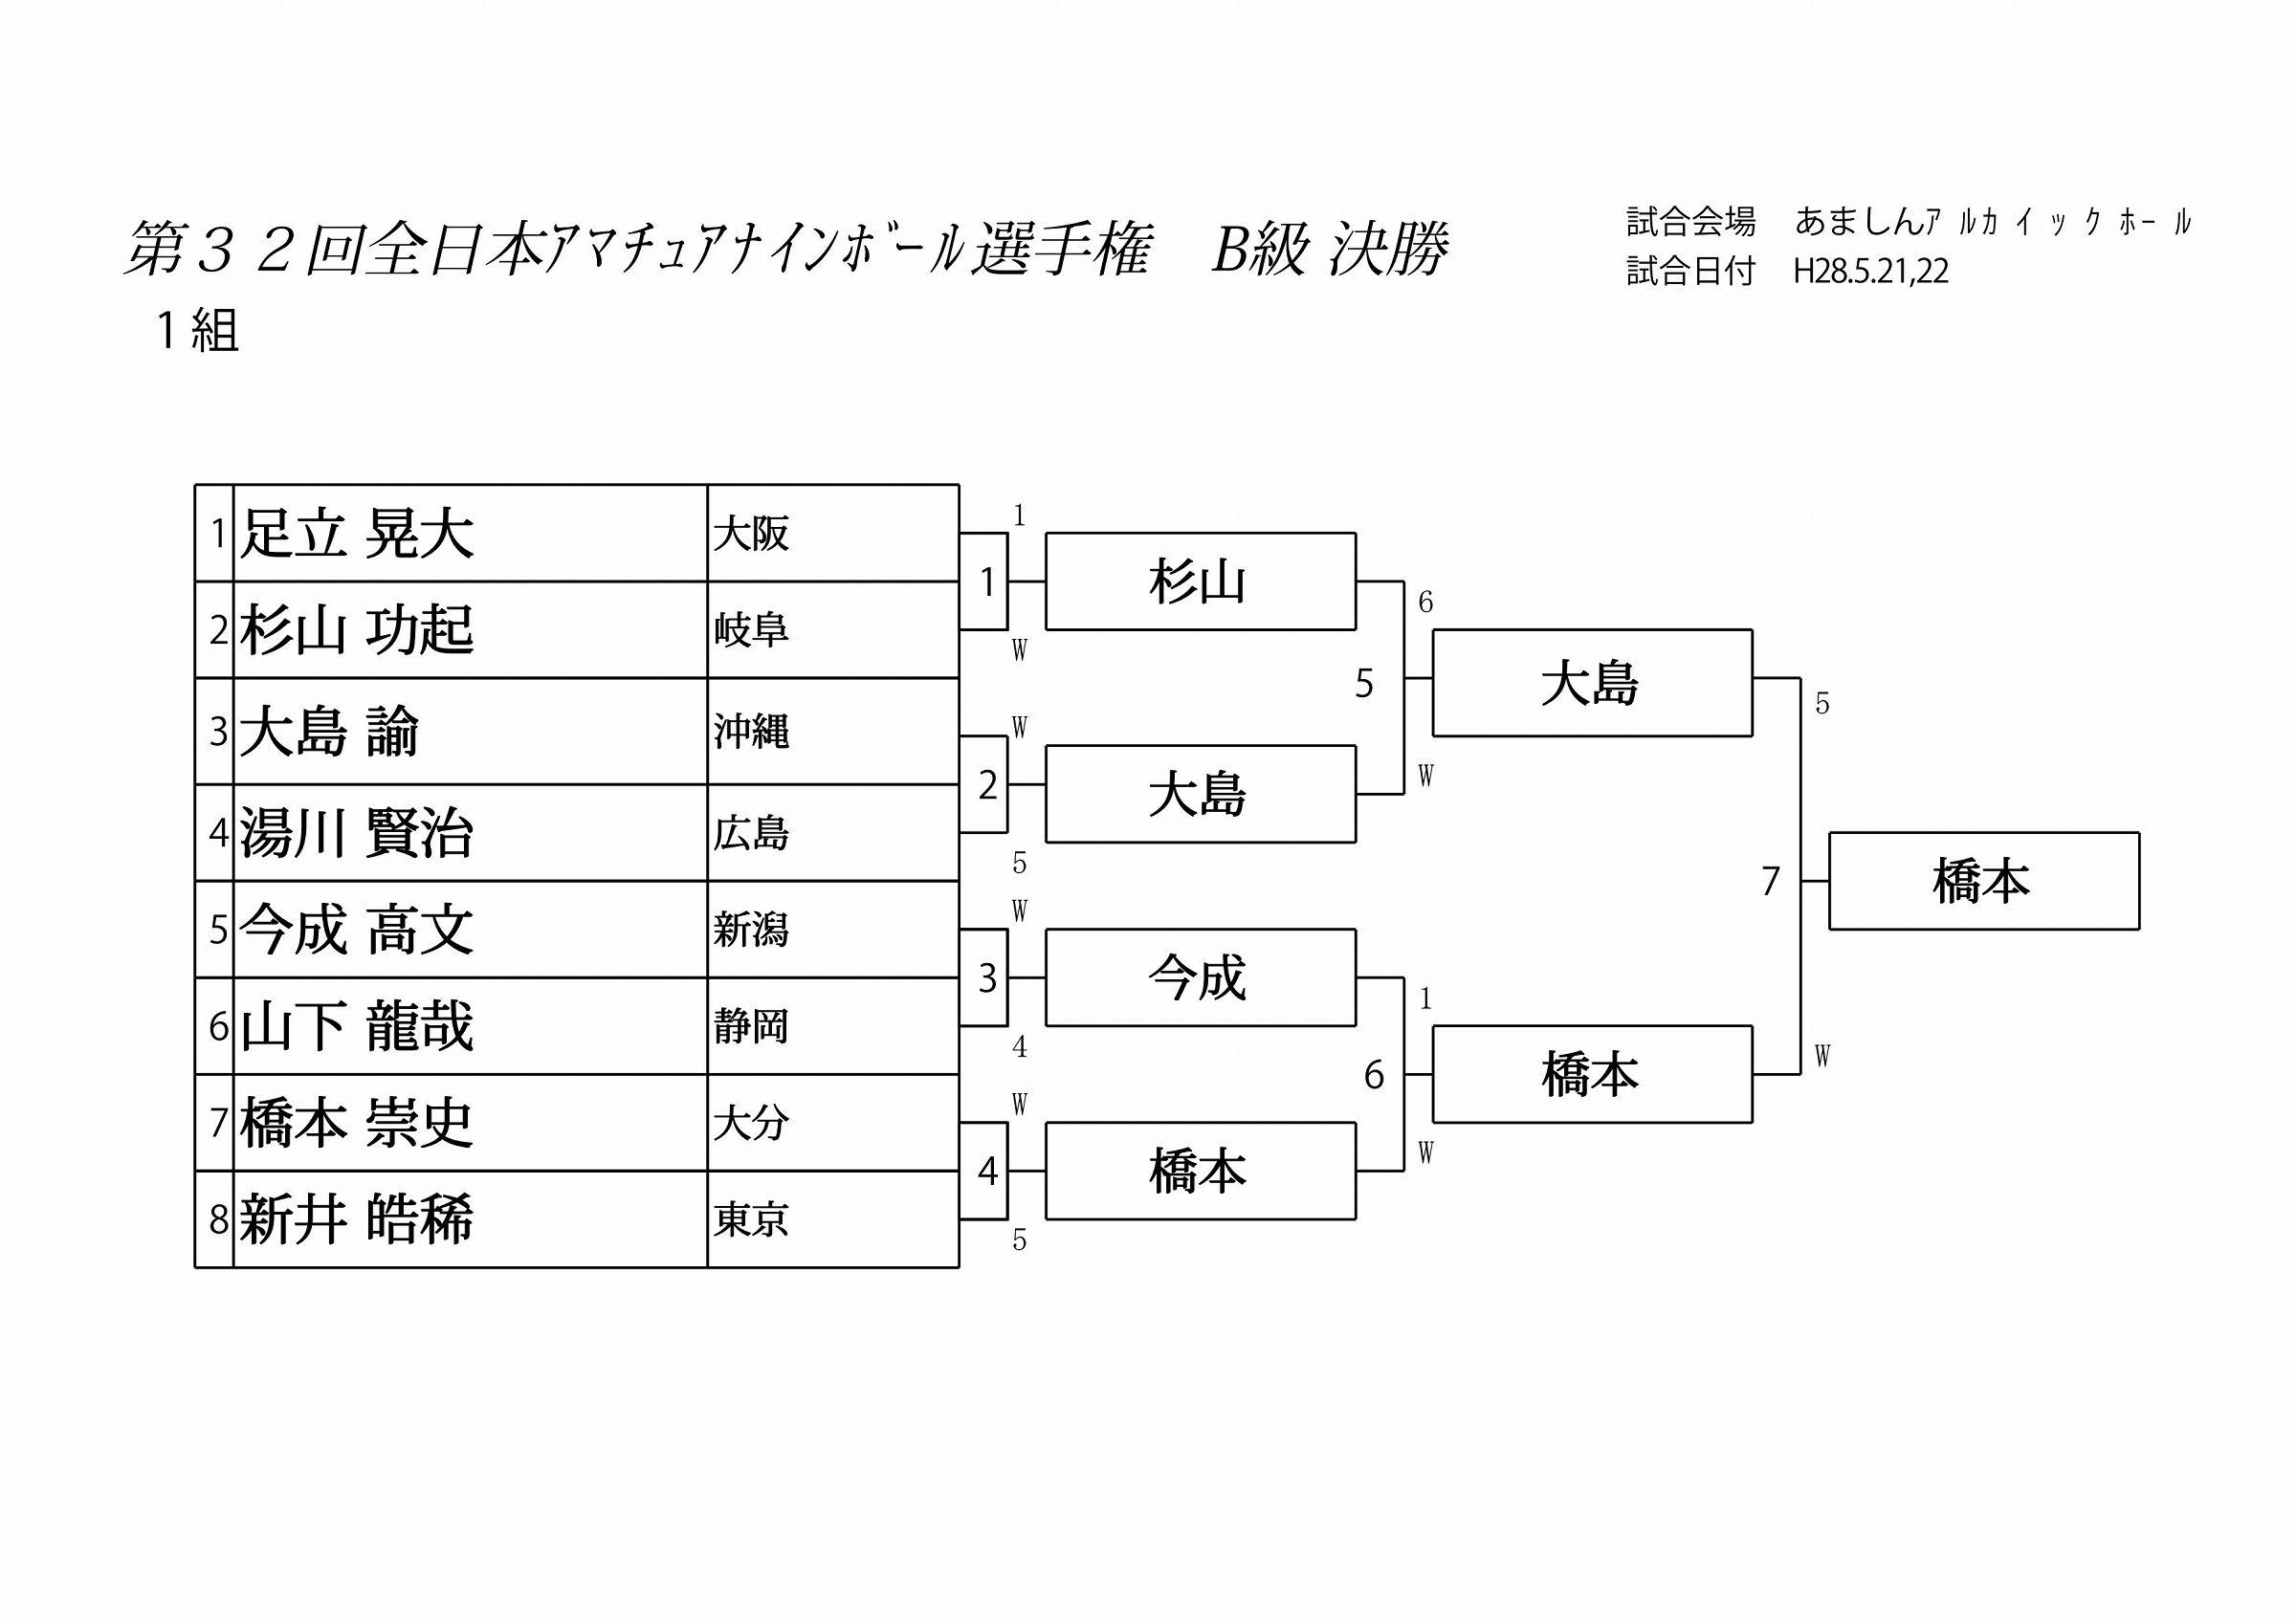 アマナイン2016 B決勝_01